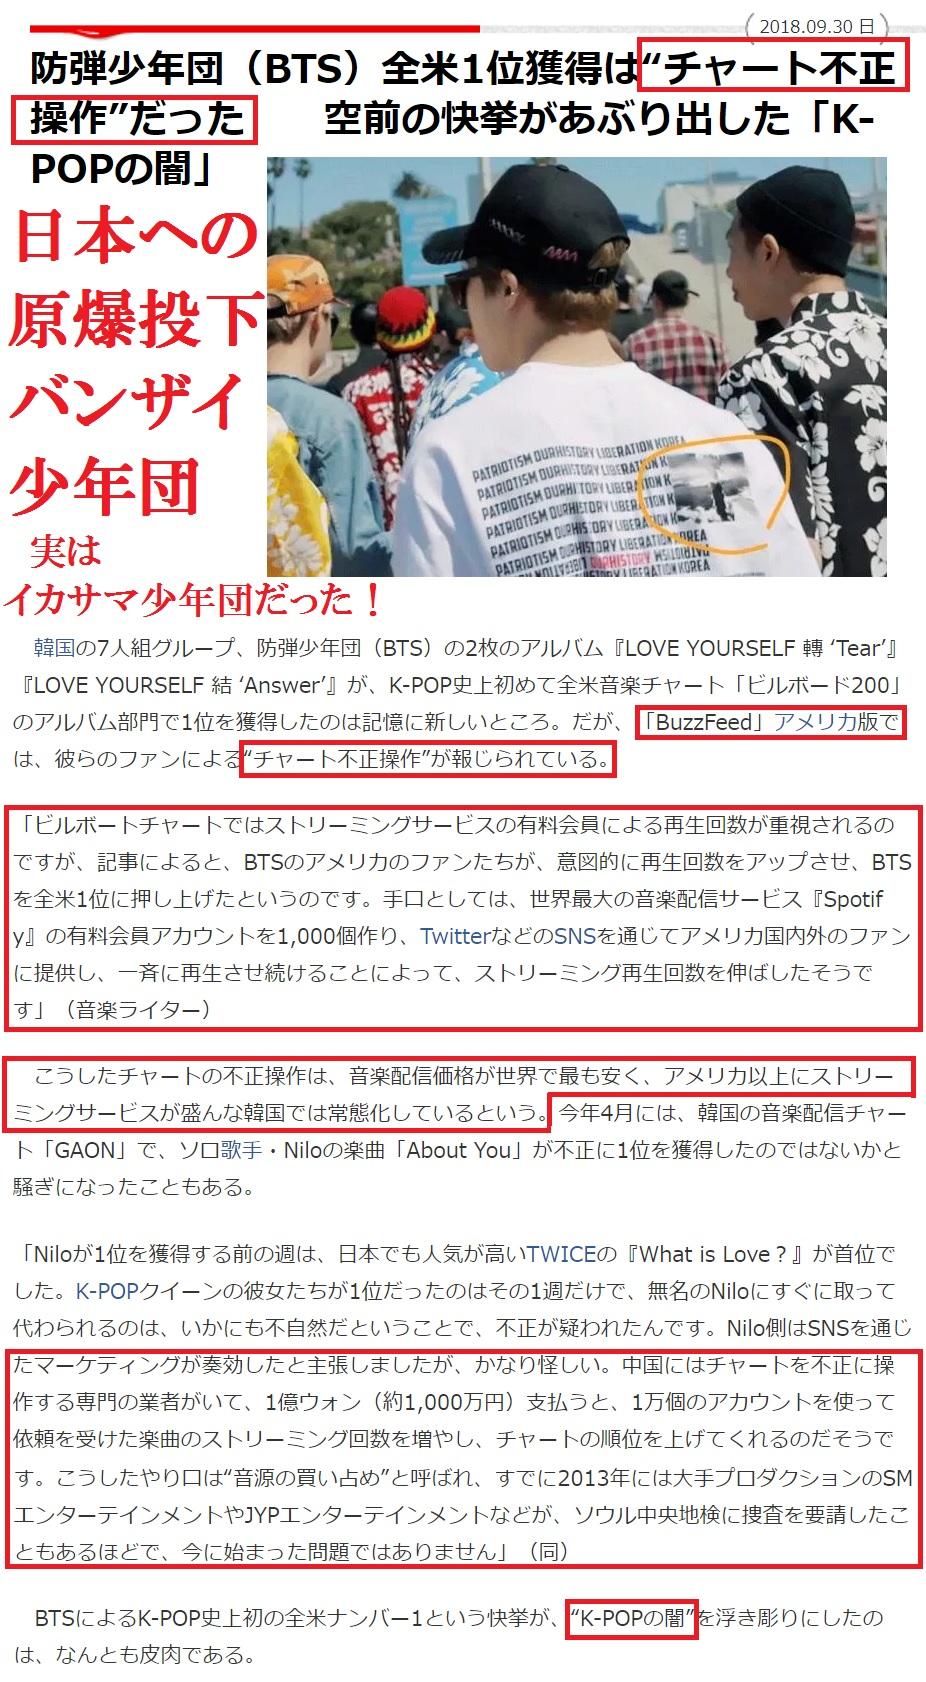 日本への原爆投下バンザイグループ、実はイカサマ少年団